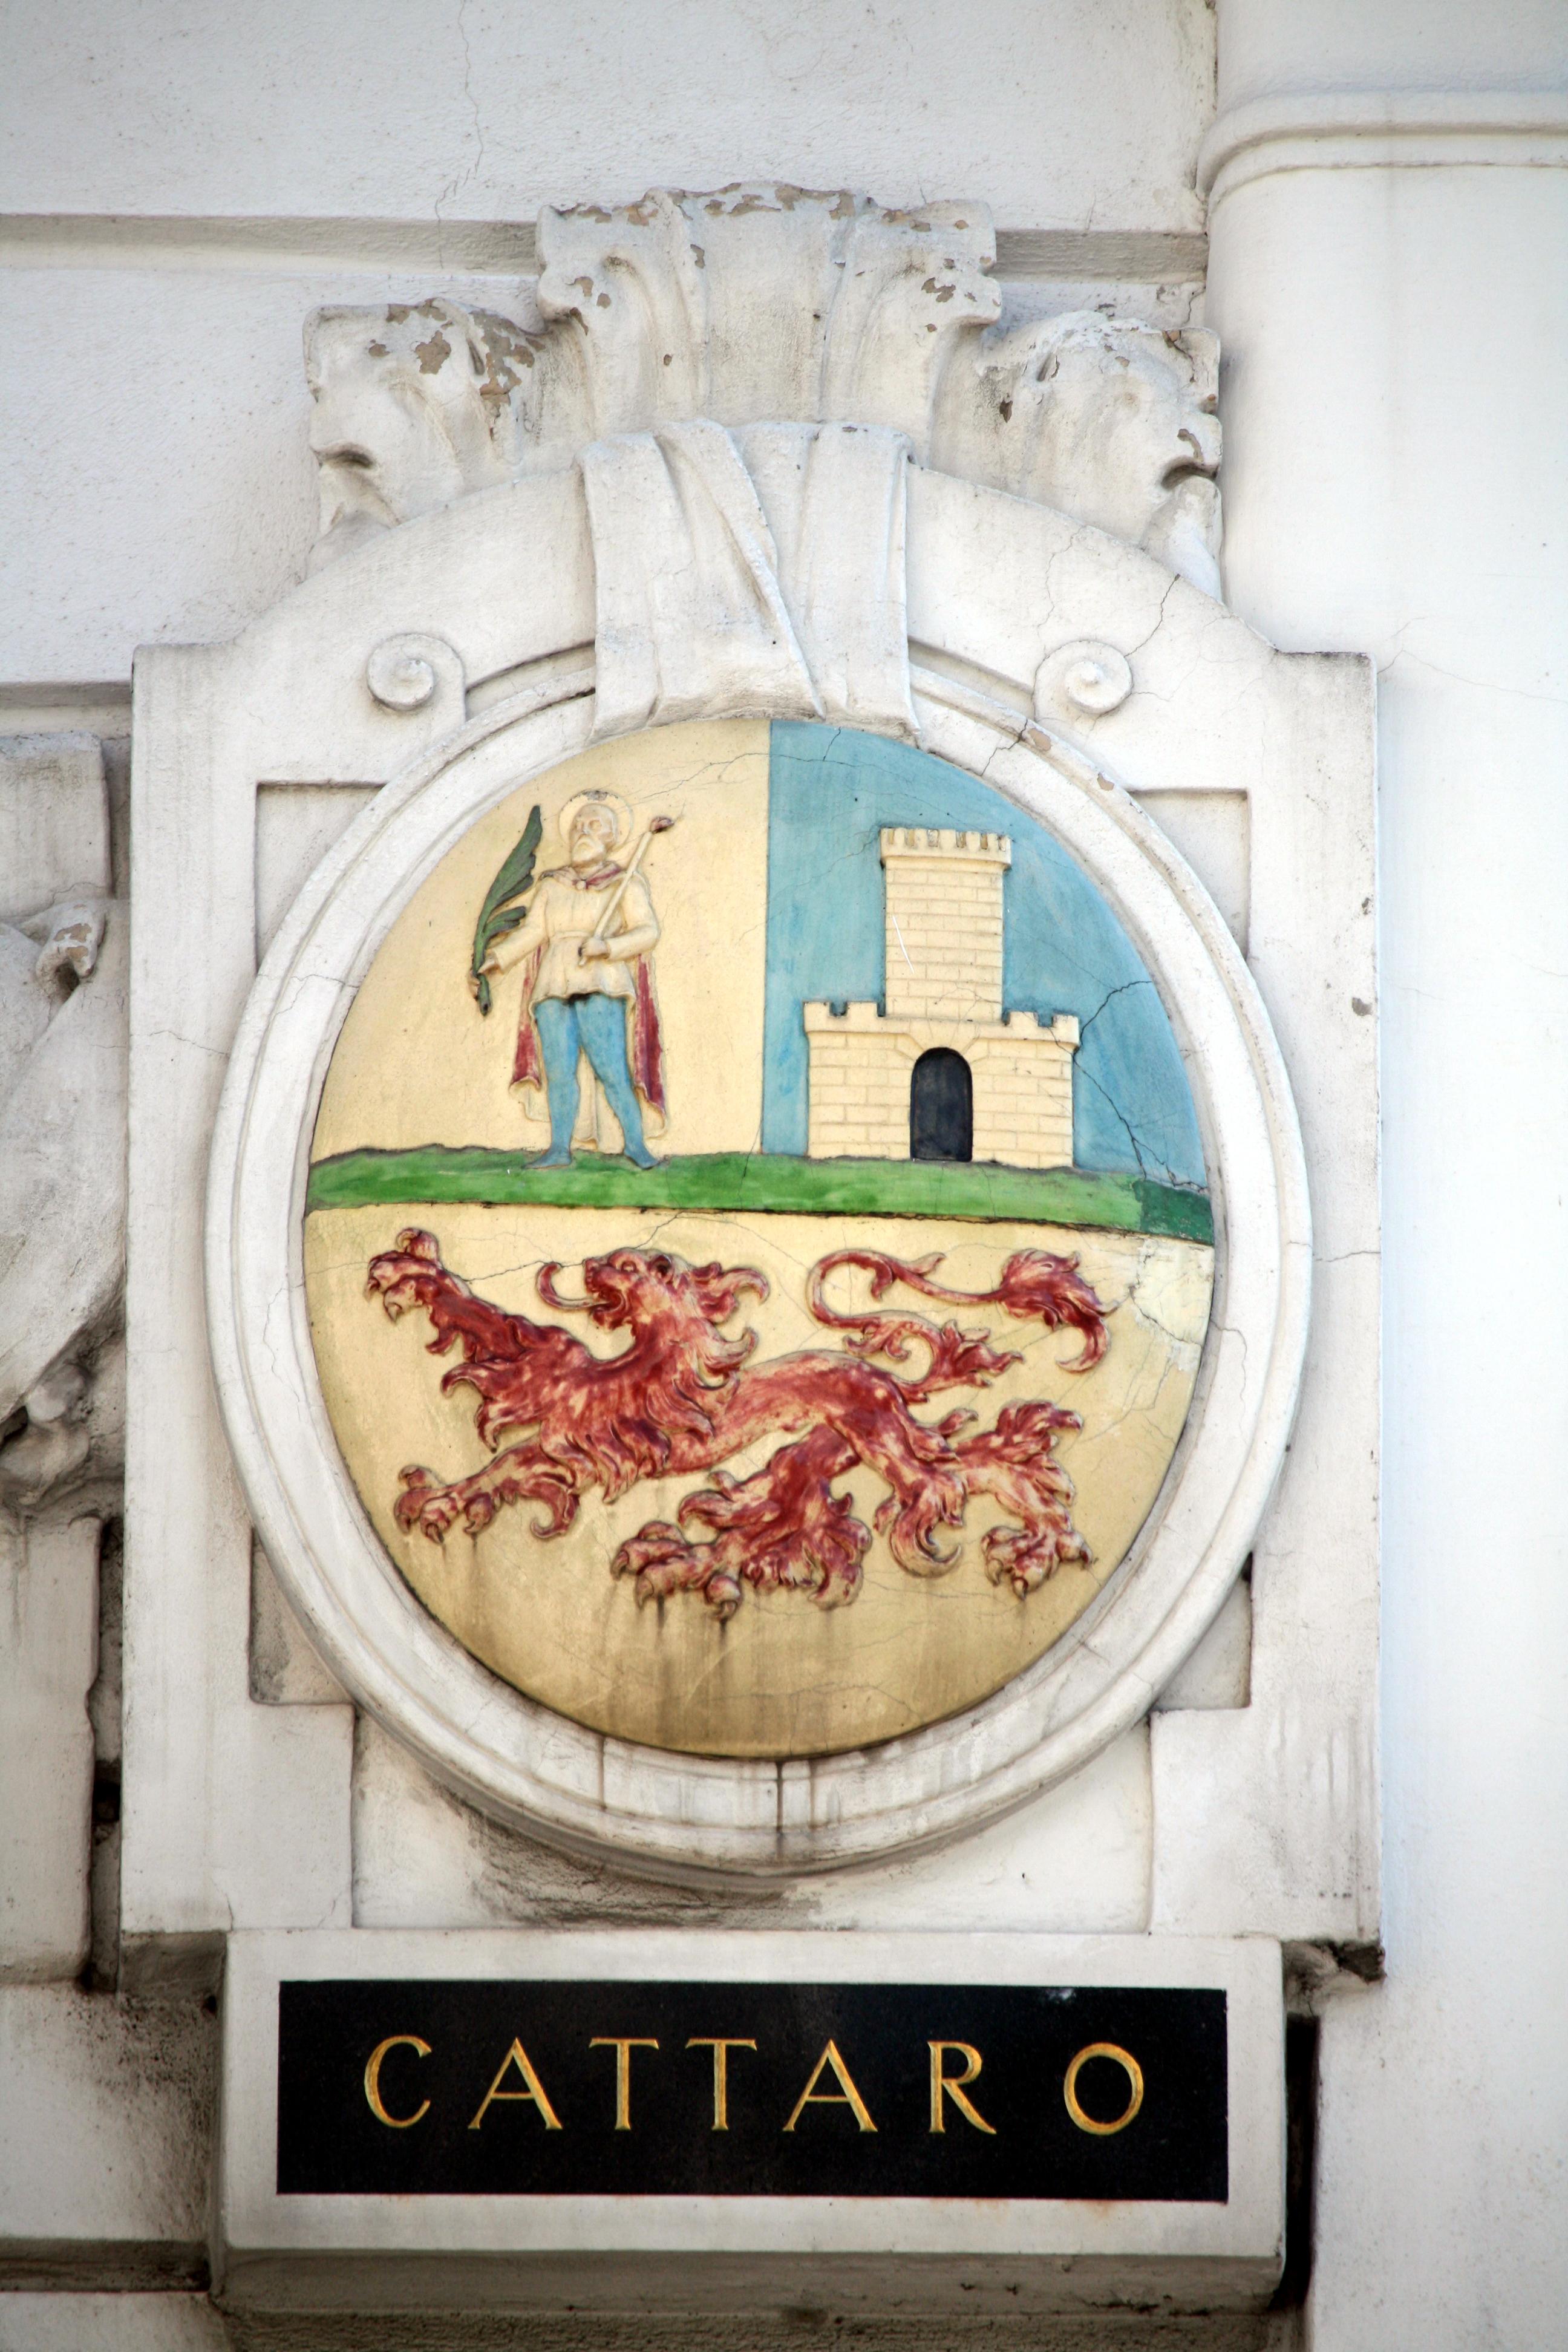 Marinesektion - Wappen-Cattaro.jpg